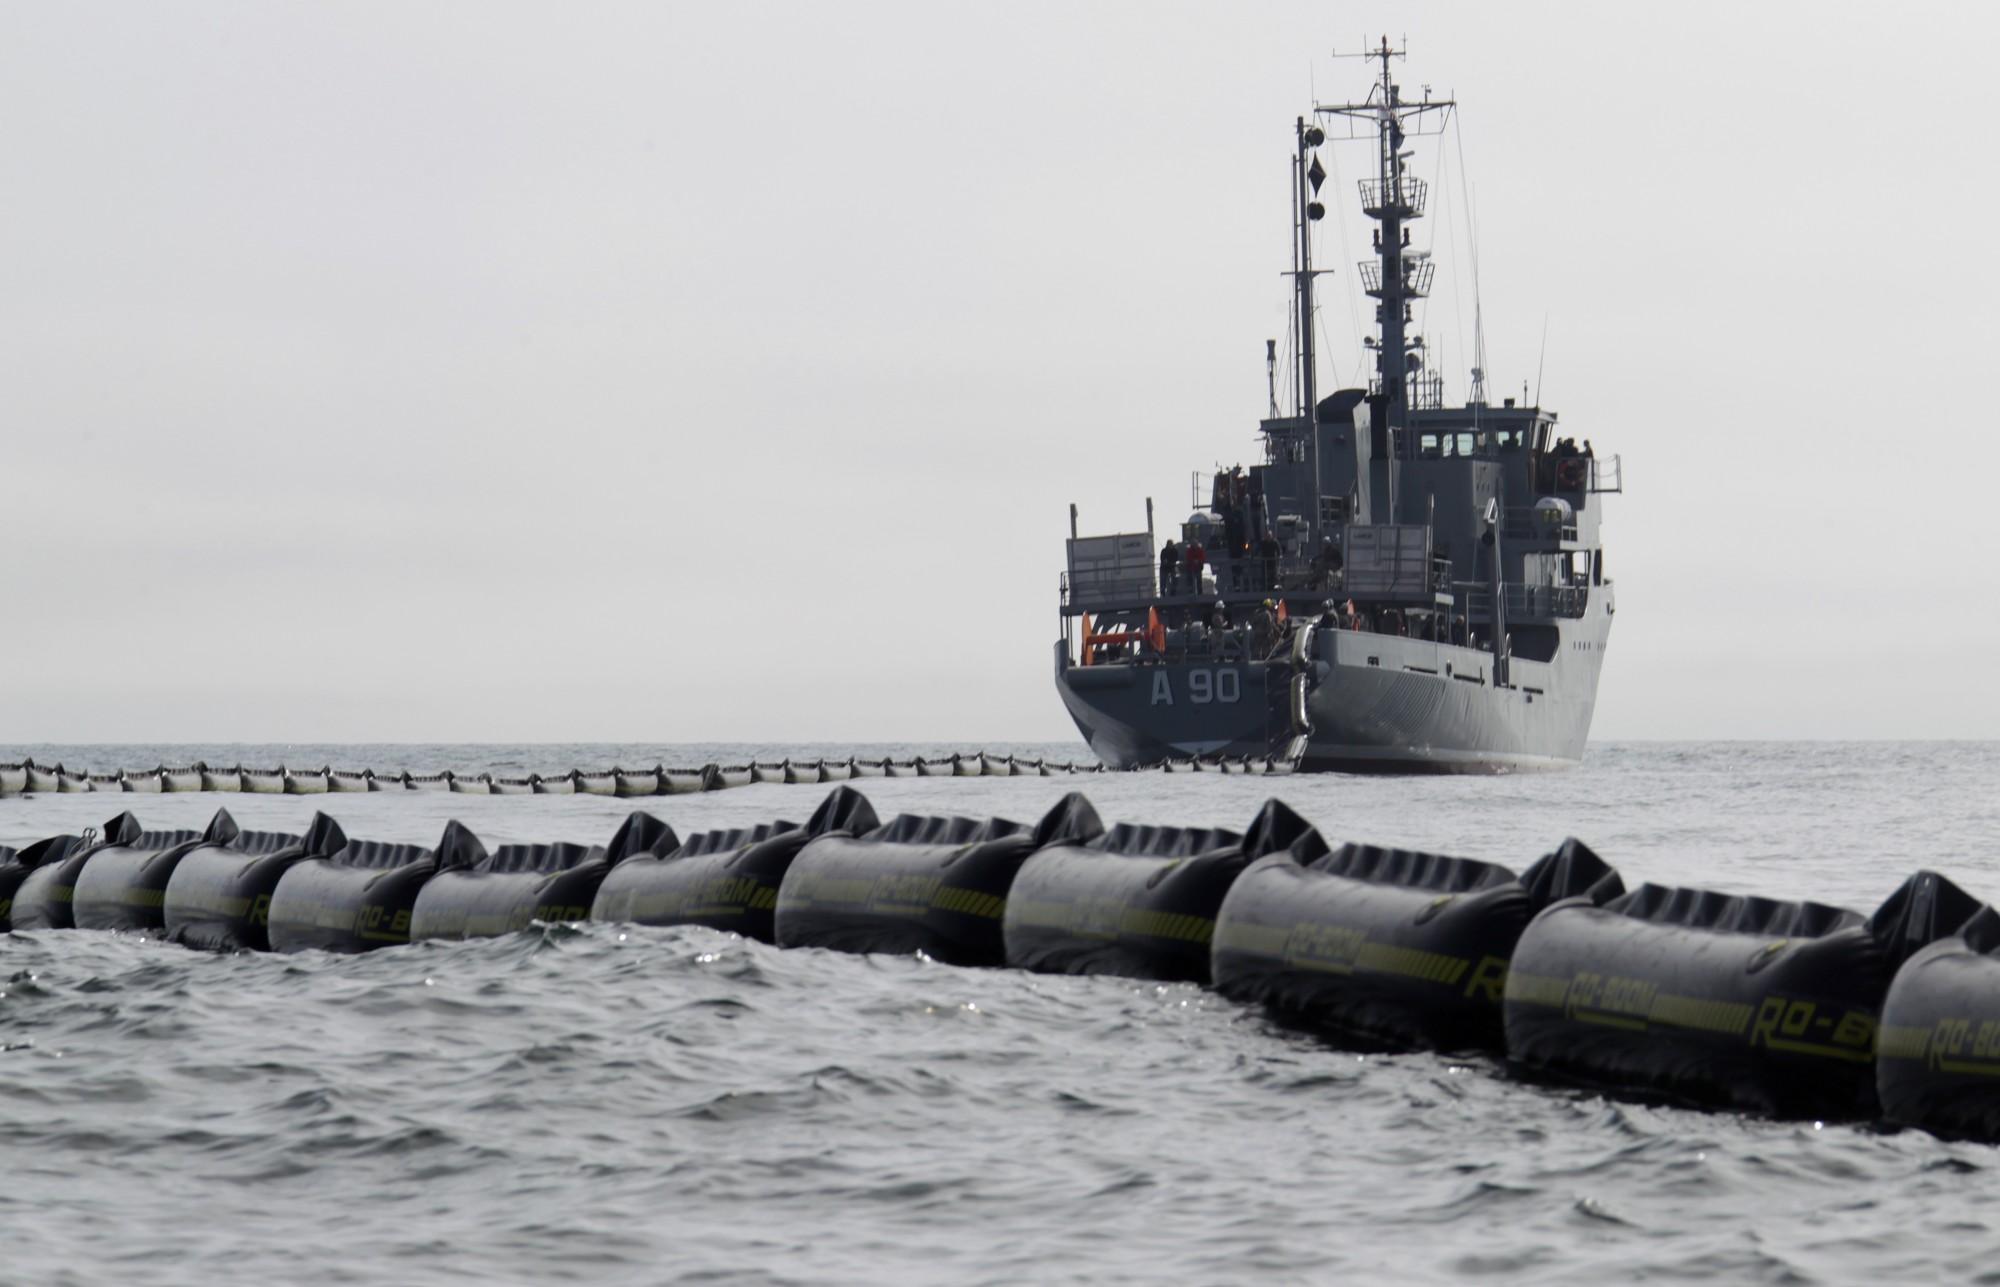 Jūras spēki piedalīsies starptautiskās naftas seku likvidācijas mācībās